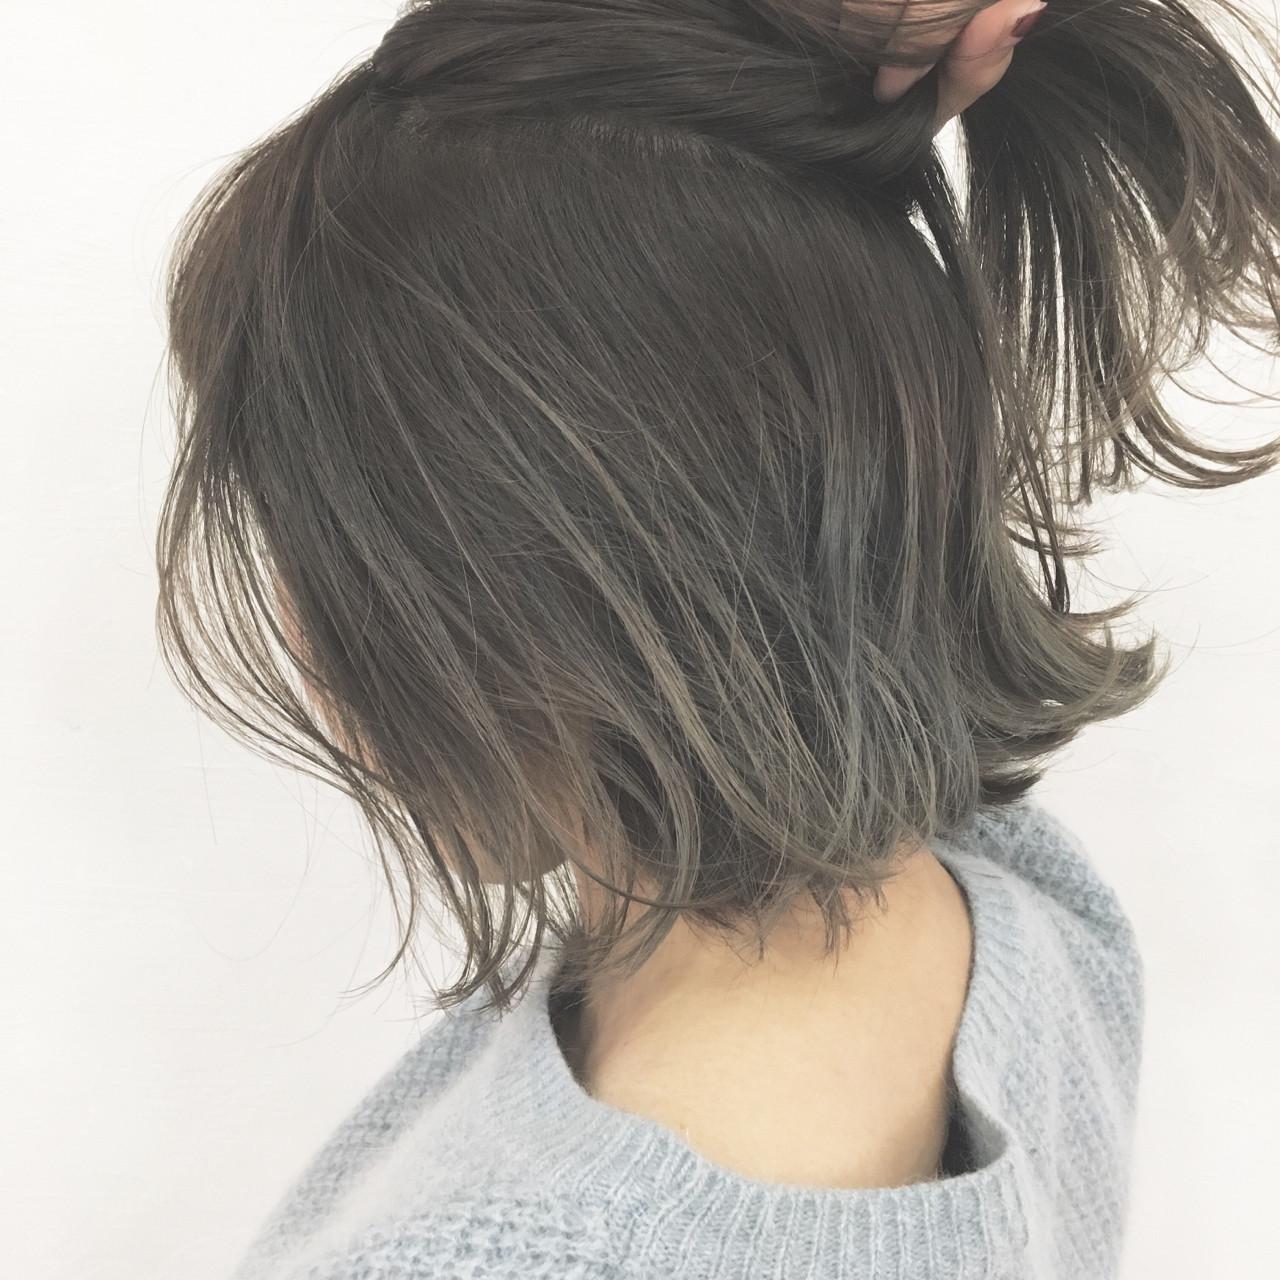 ハーフアップ グレージュ ボブ ナチュラル ヘアスタイルや髪型の写真・画像